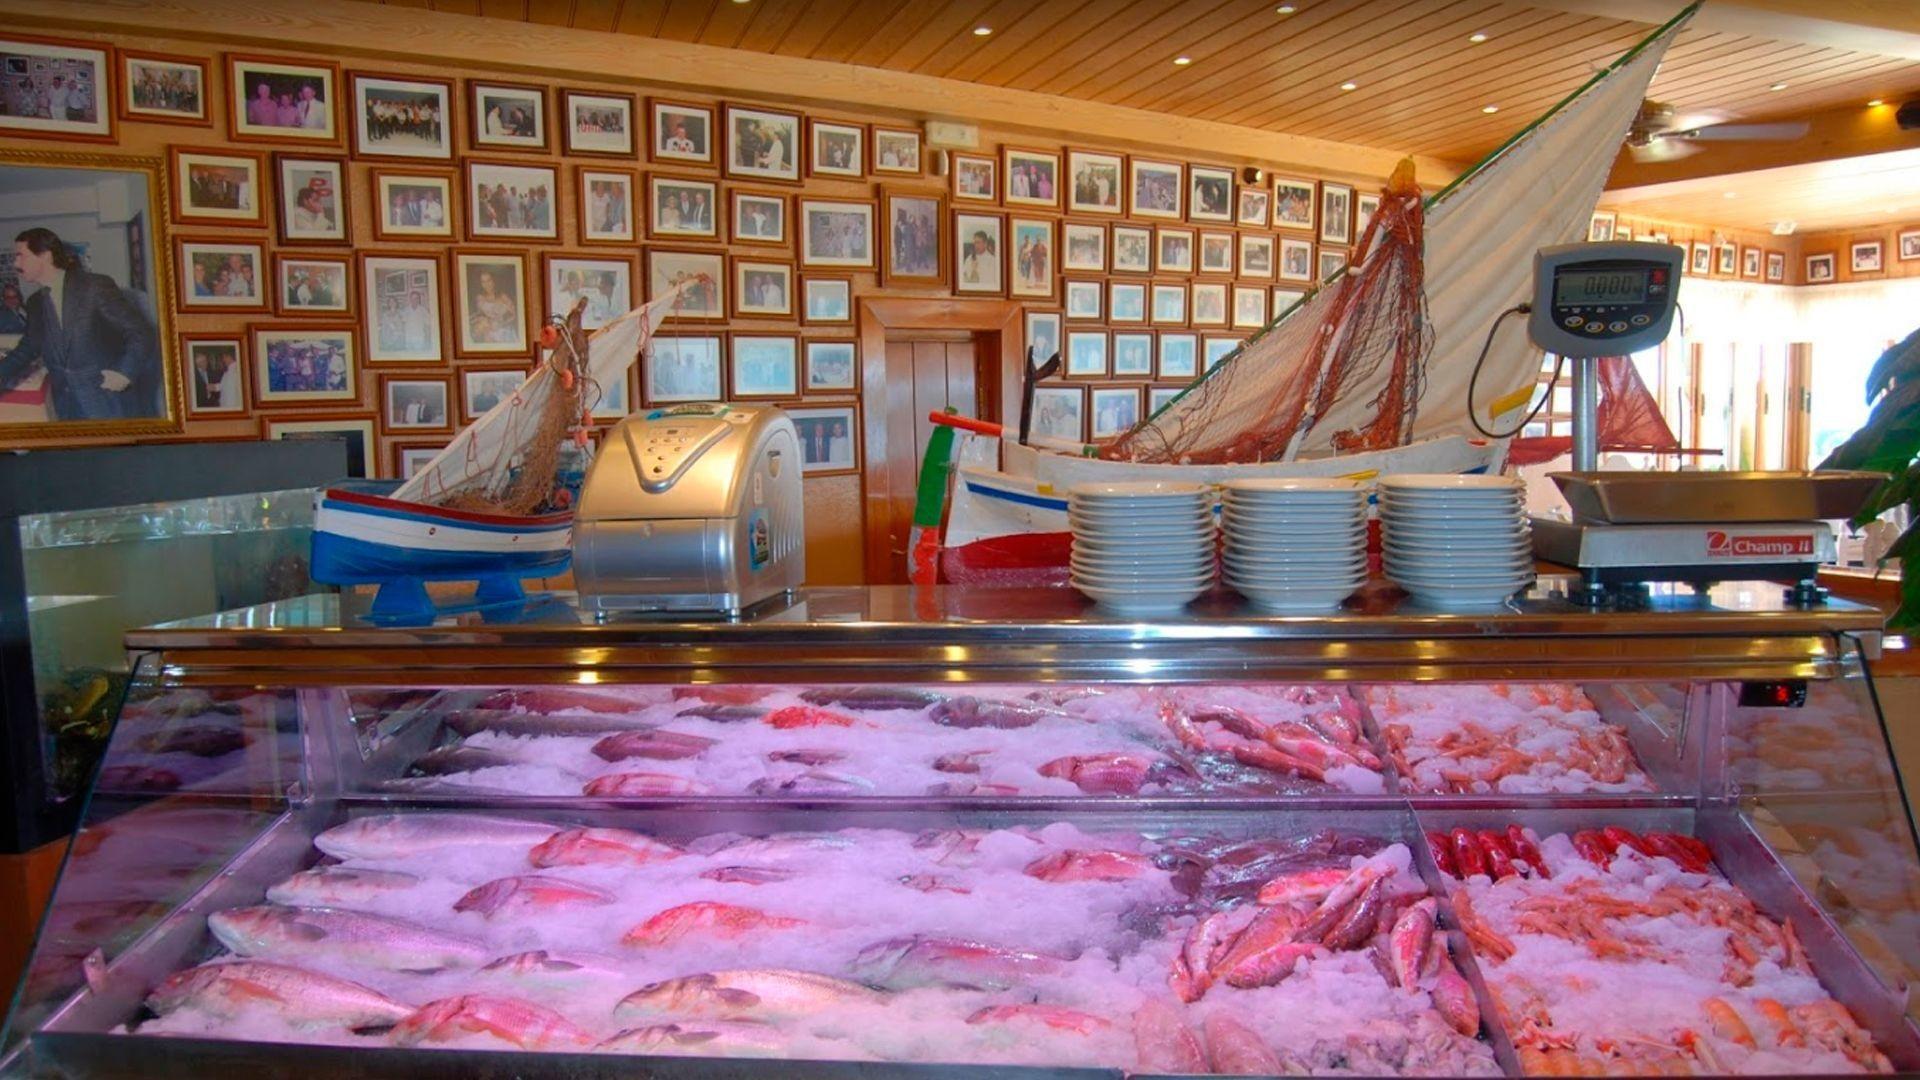 Cocina típica marinera en San Pédro de Alcántara